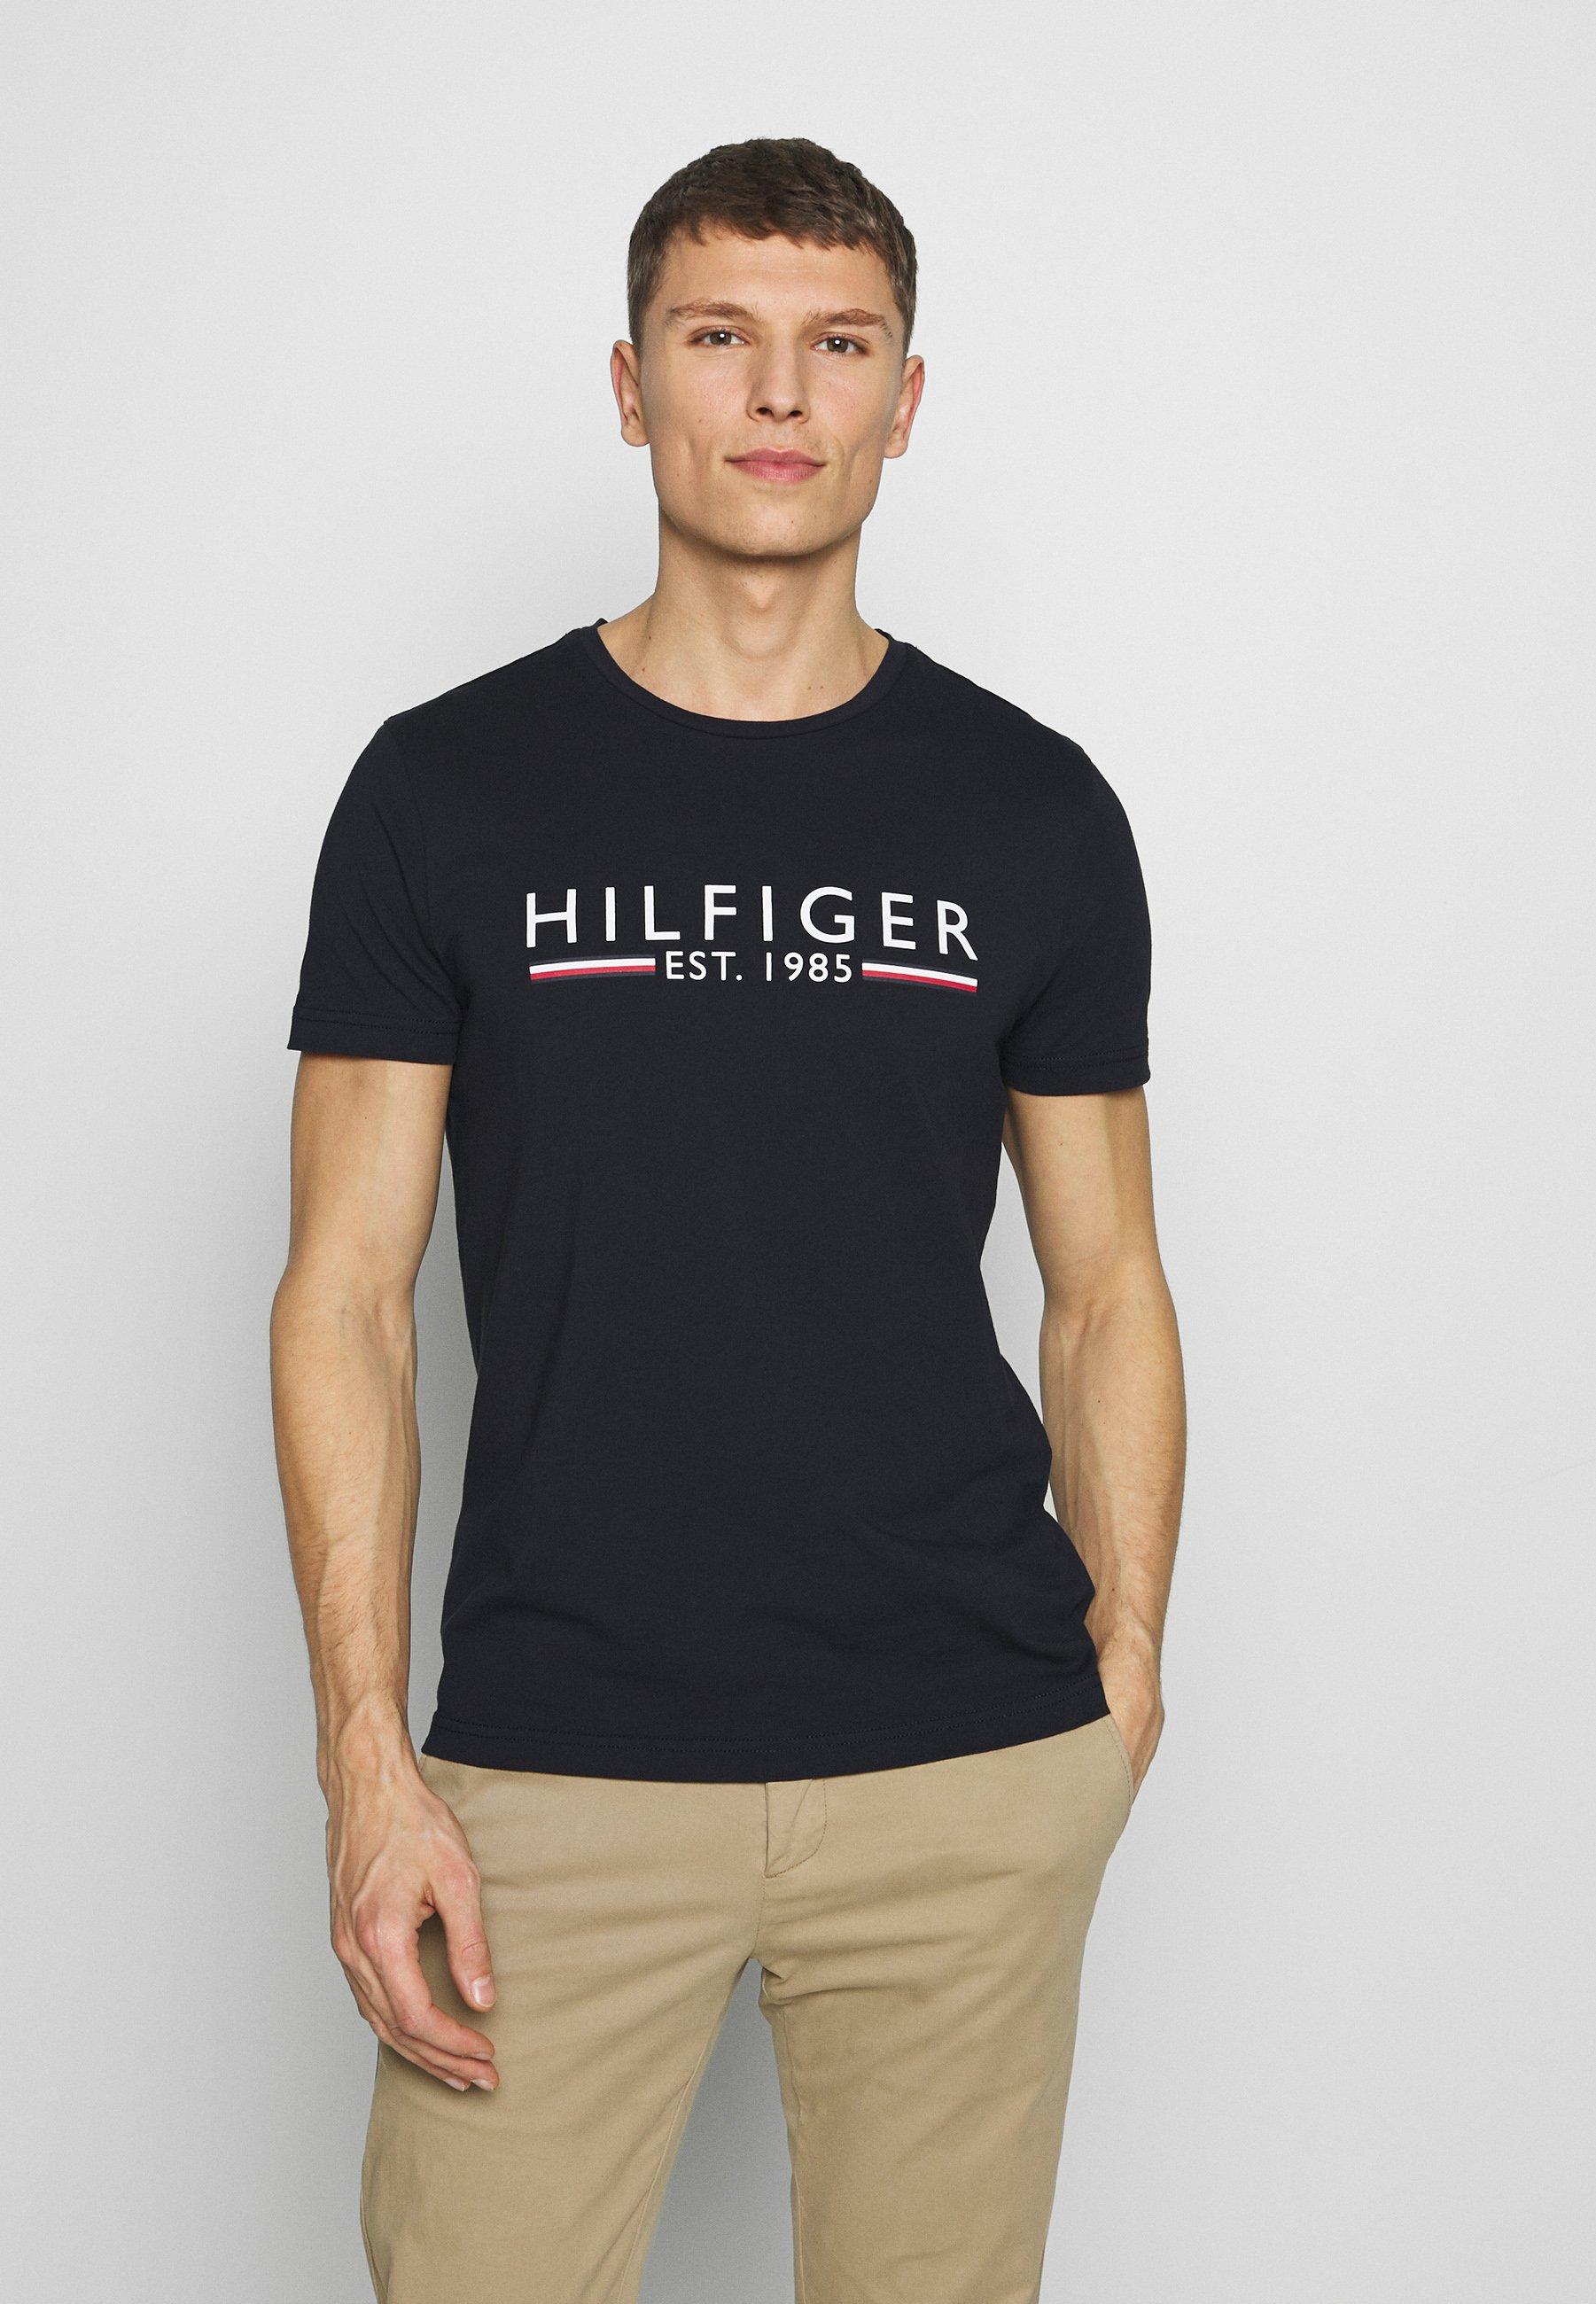 Tommy Hilfiger   La nuova collezione online su Zalando